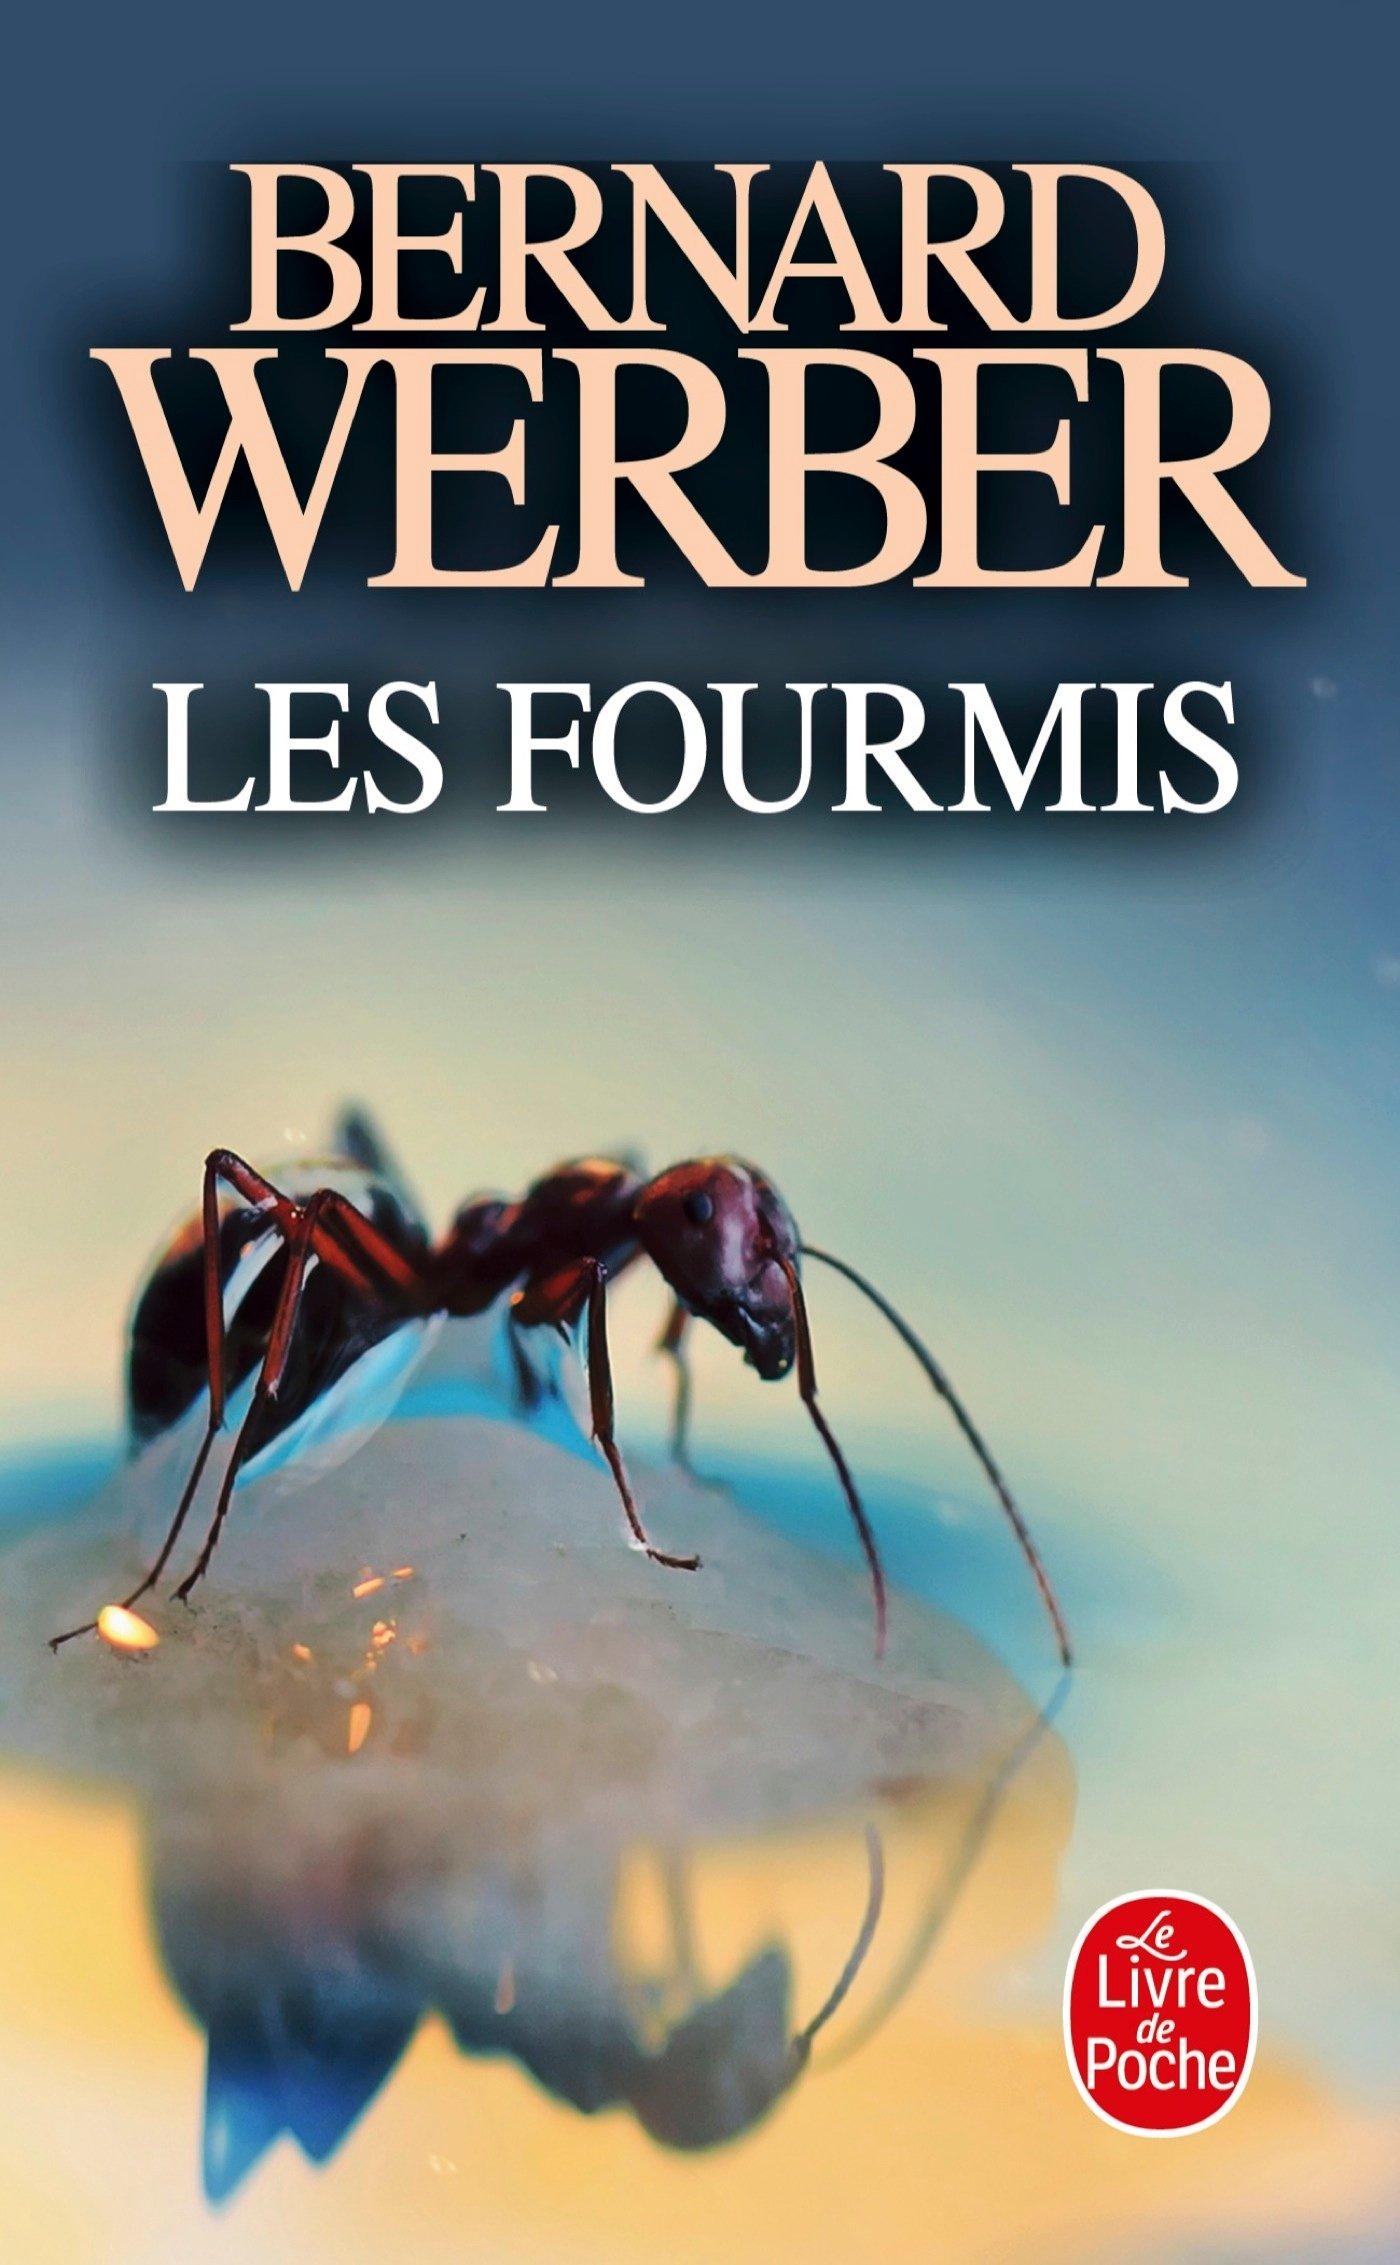 Les Fourmis (Le Livre de Poche)